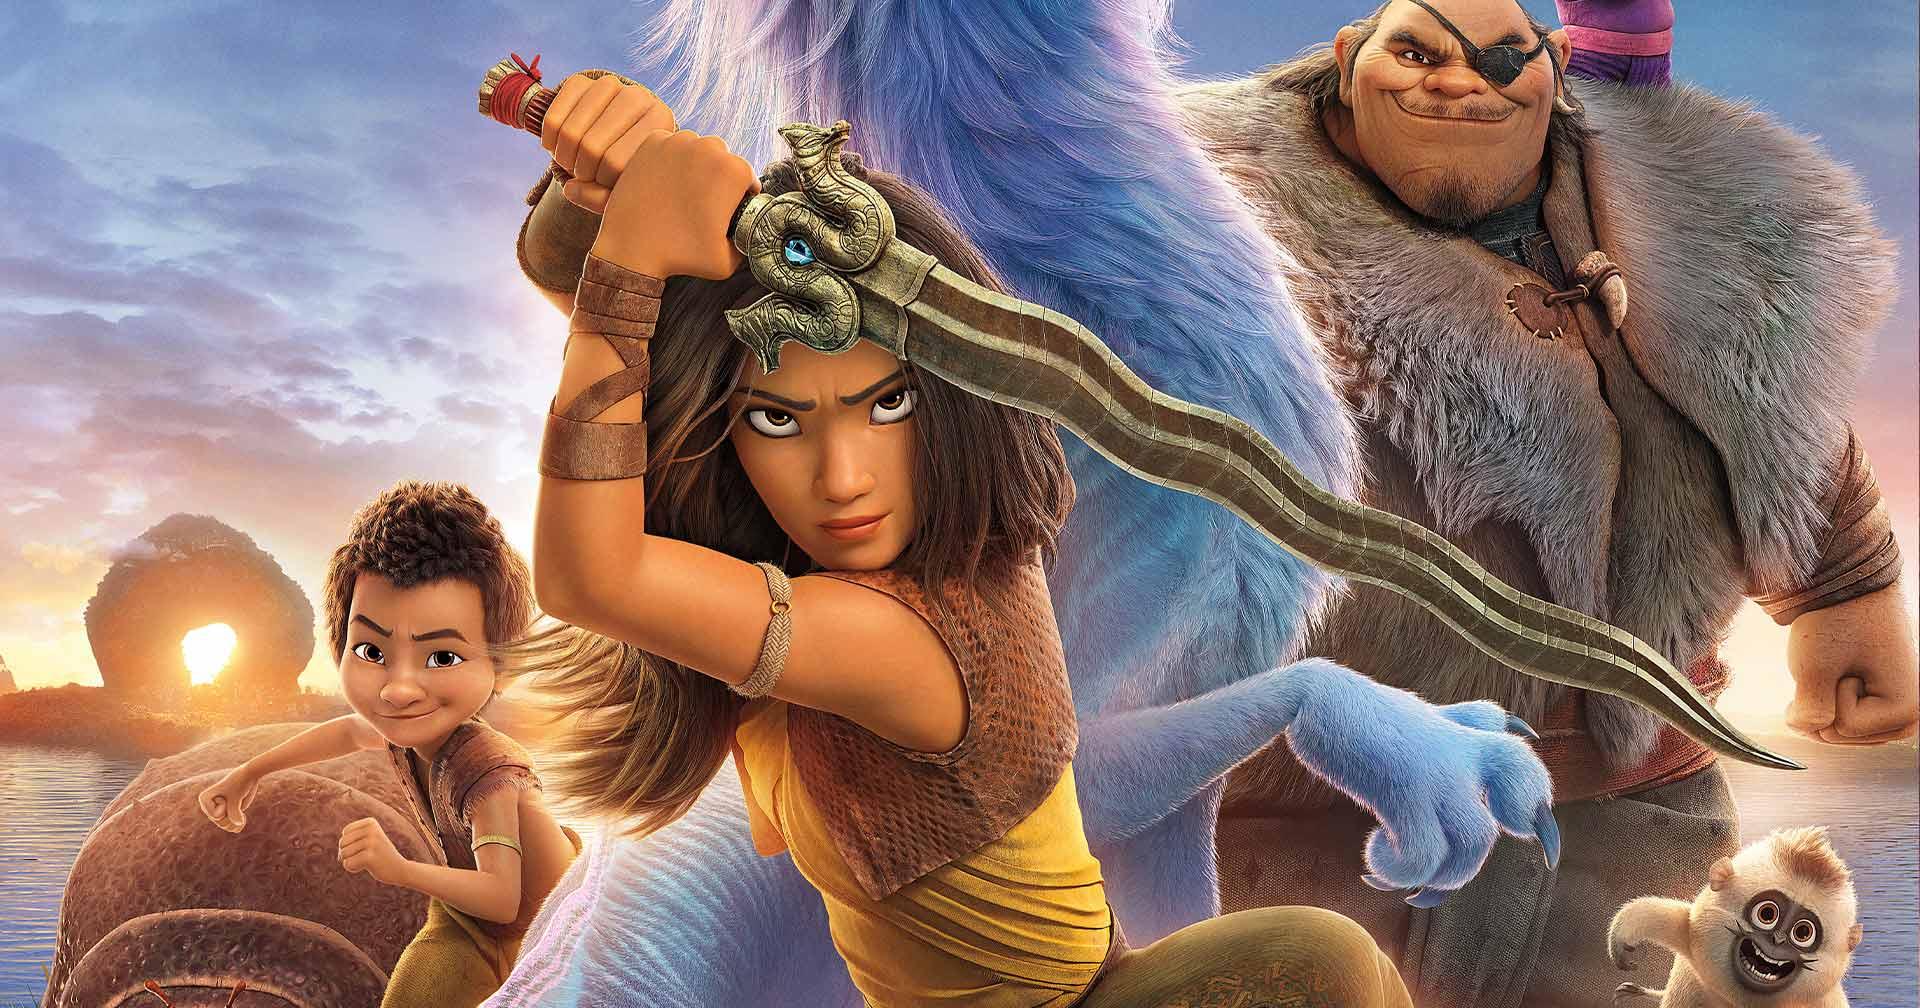 Raya e o Último Dragão | 5 curiosidades sobre o novo filme da Disney